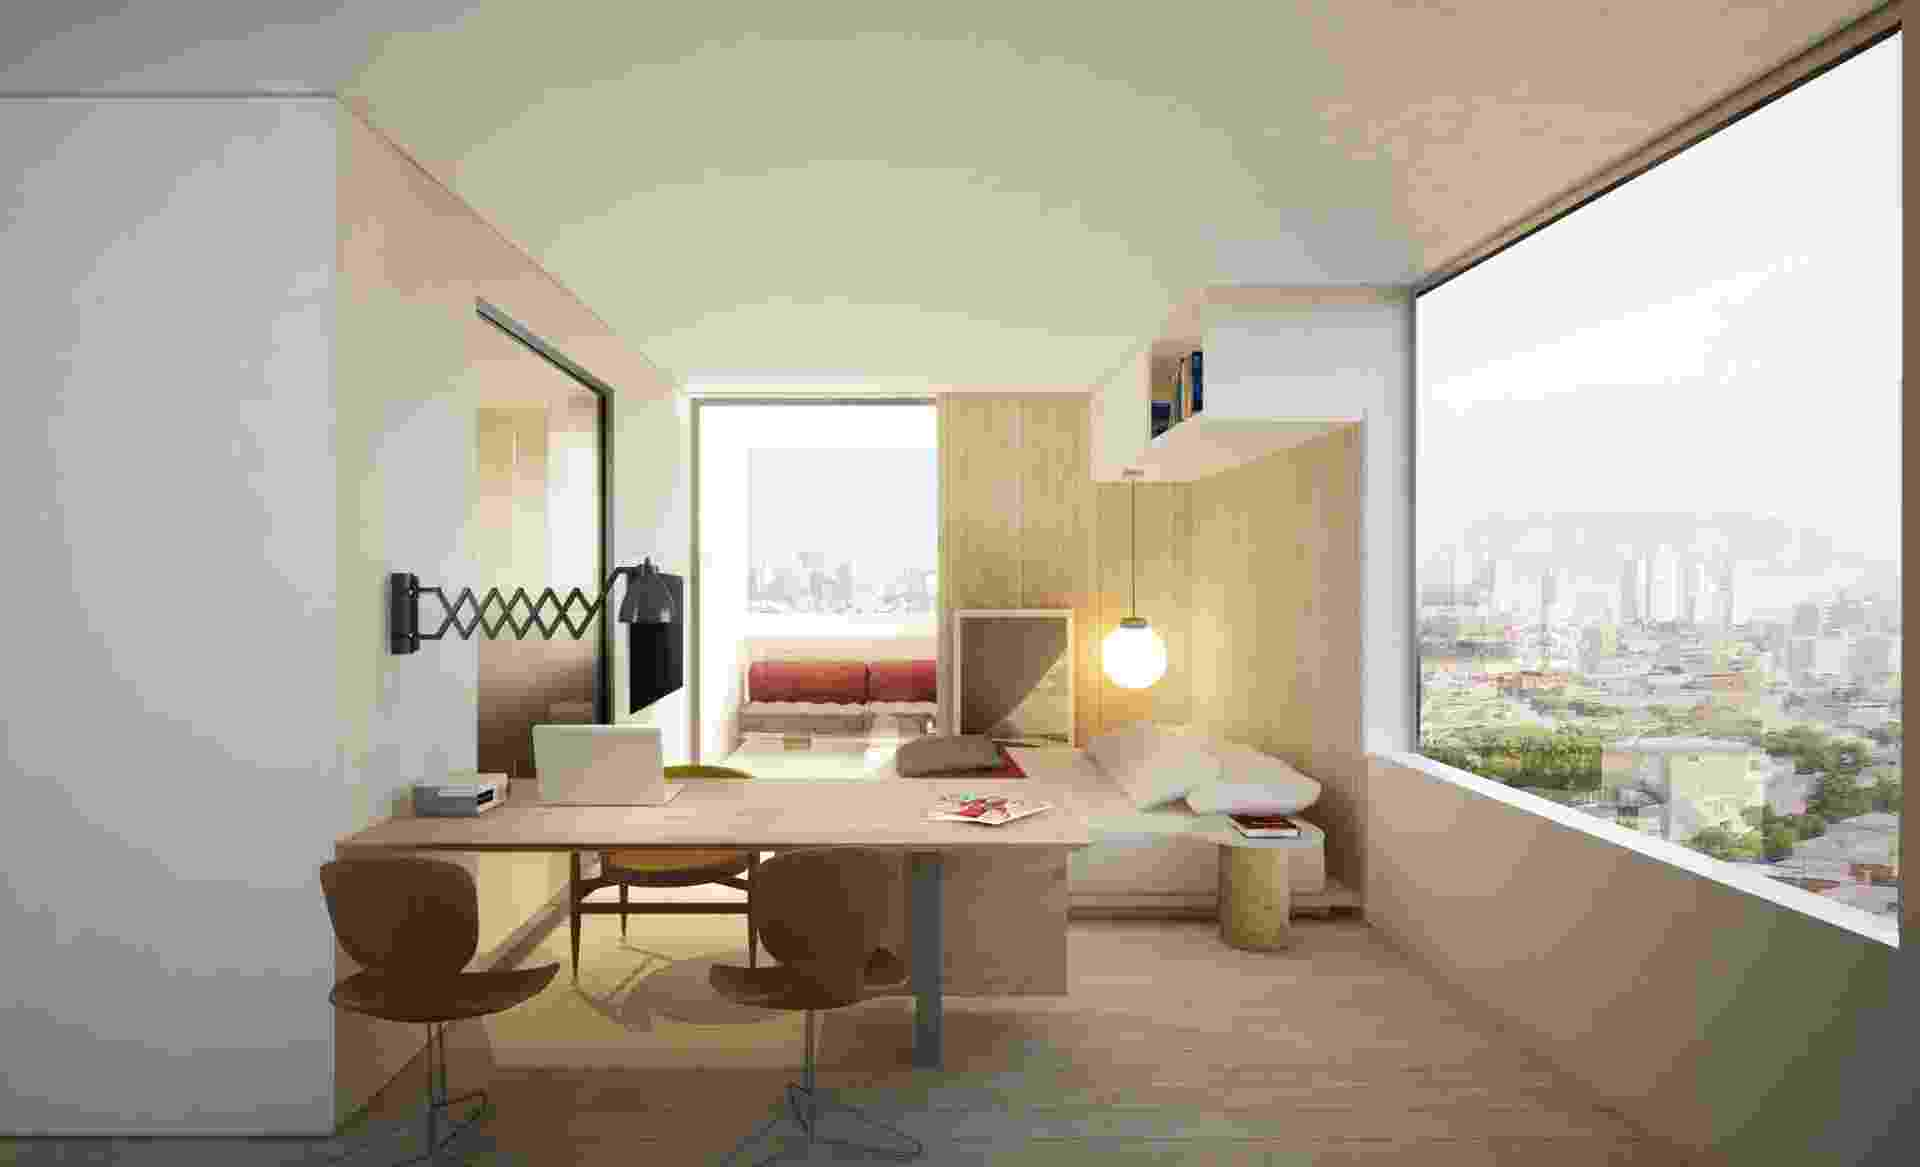 Arquiteto de luxo cria projeto de quitinete em São Paulo 59a1fc64db2f9